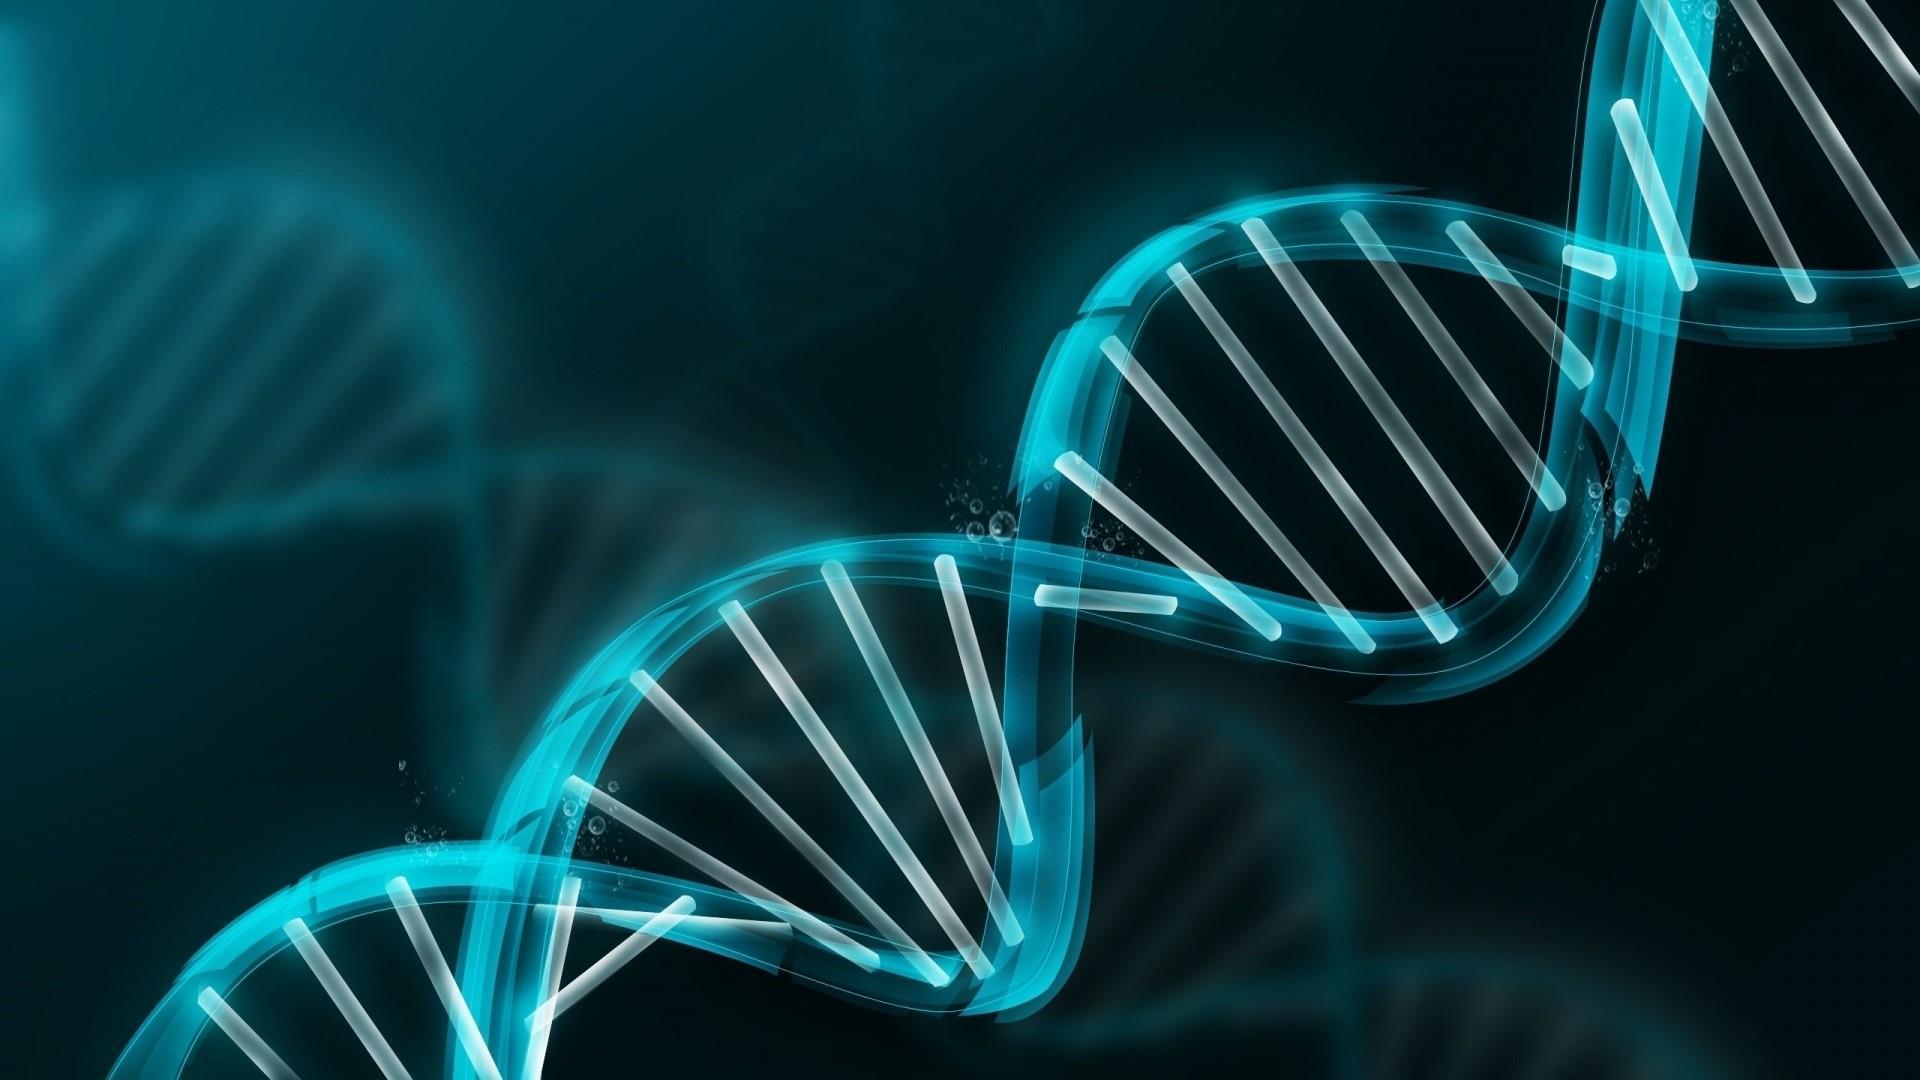 DNA spiral wallpaper